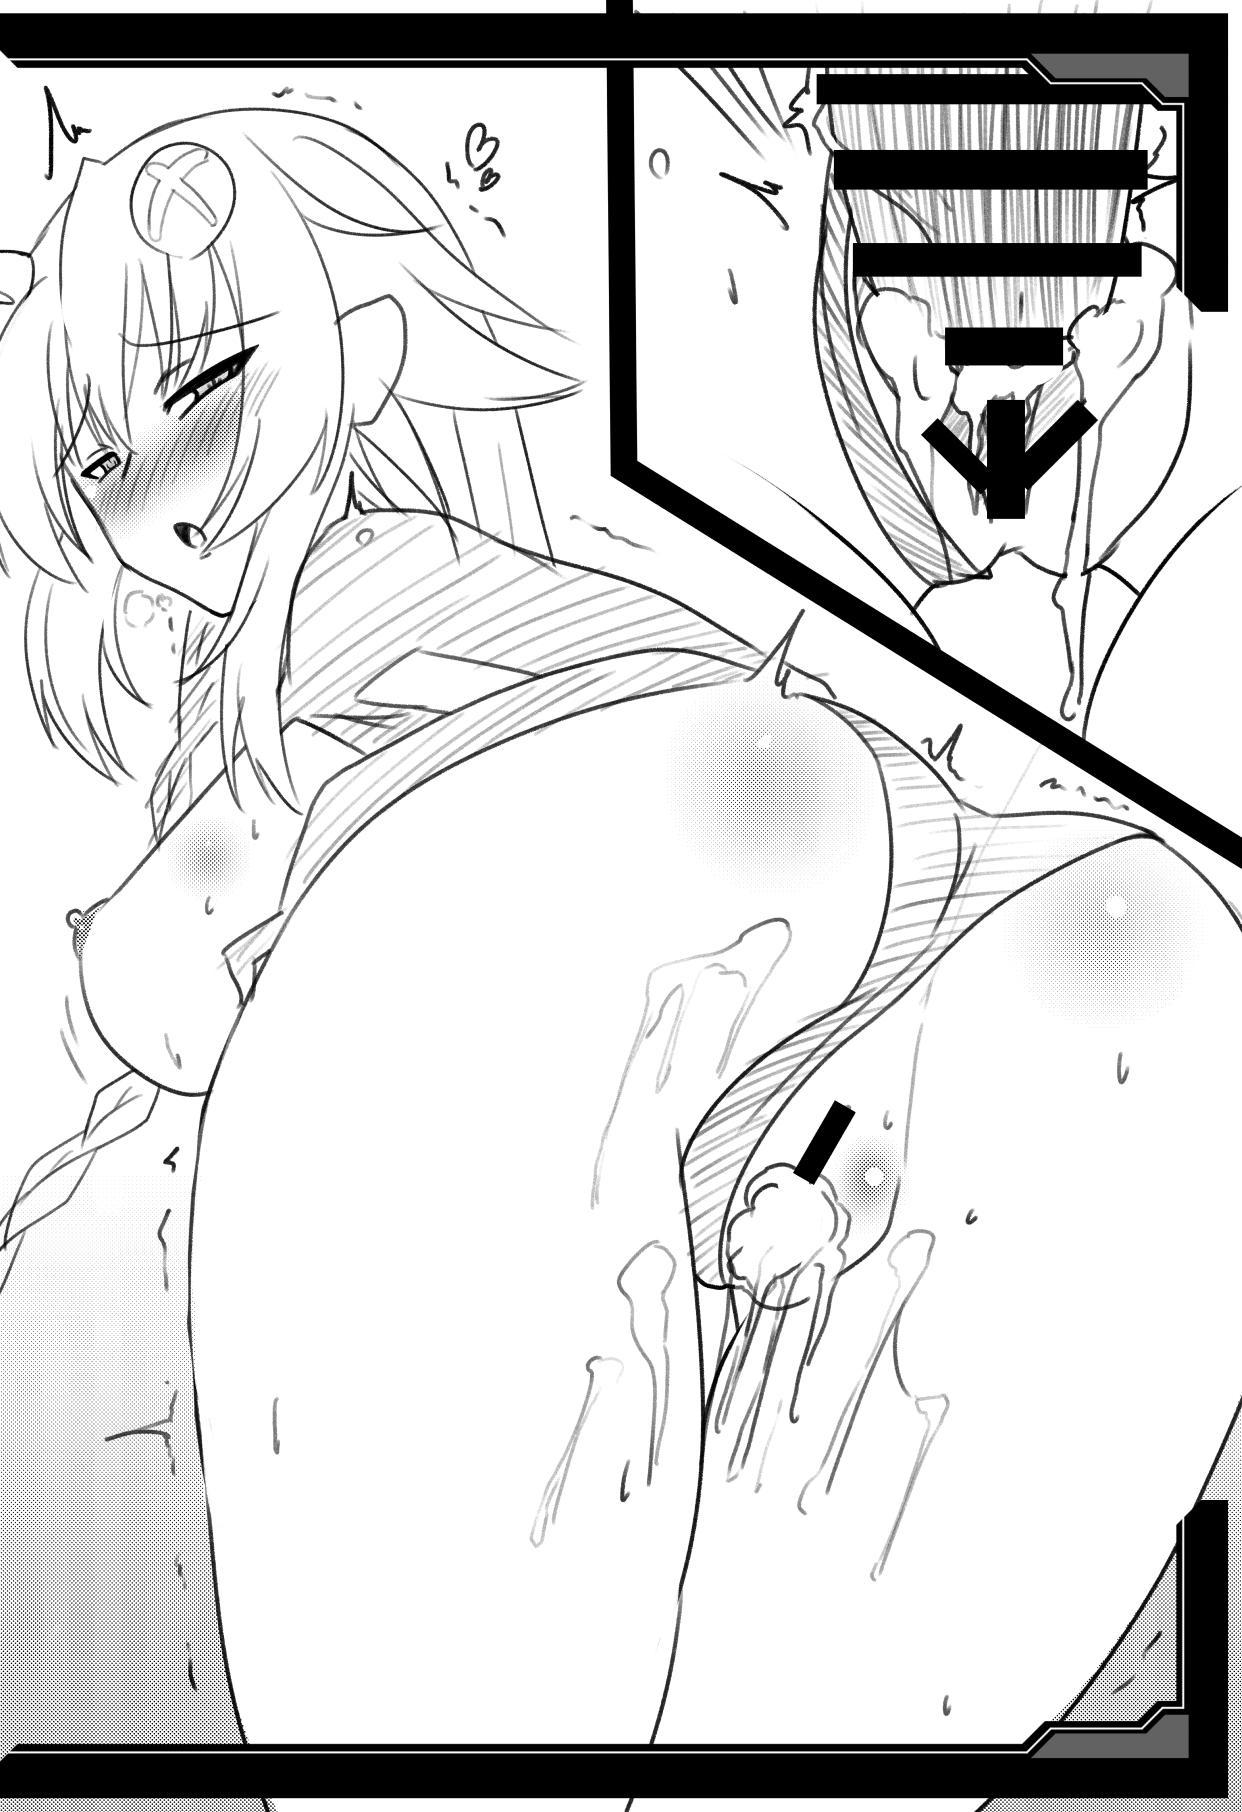 Watashi ga Nugeba Onee-chan o Hanashite kurerun desu ne? + Kako Copybon 15